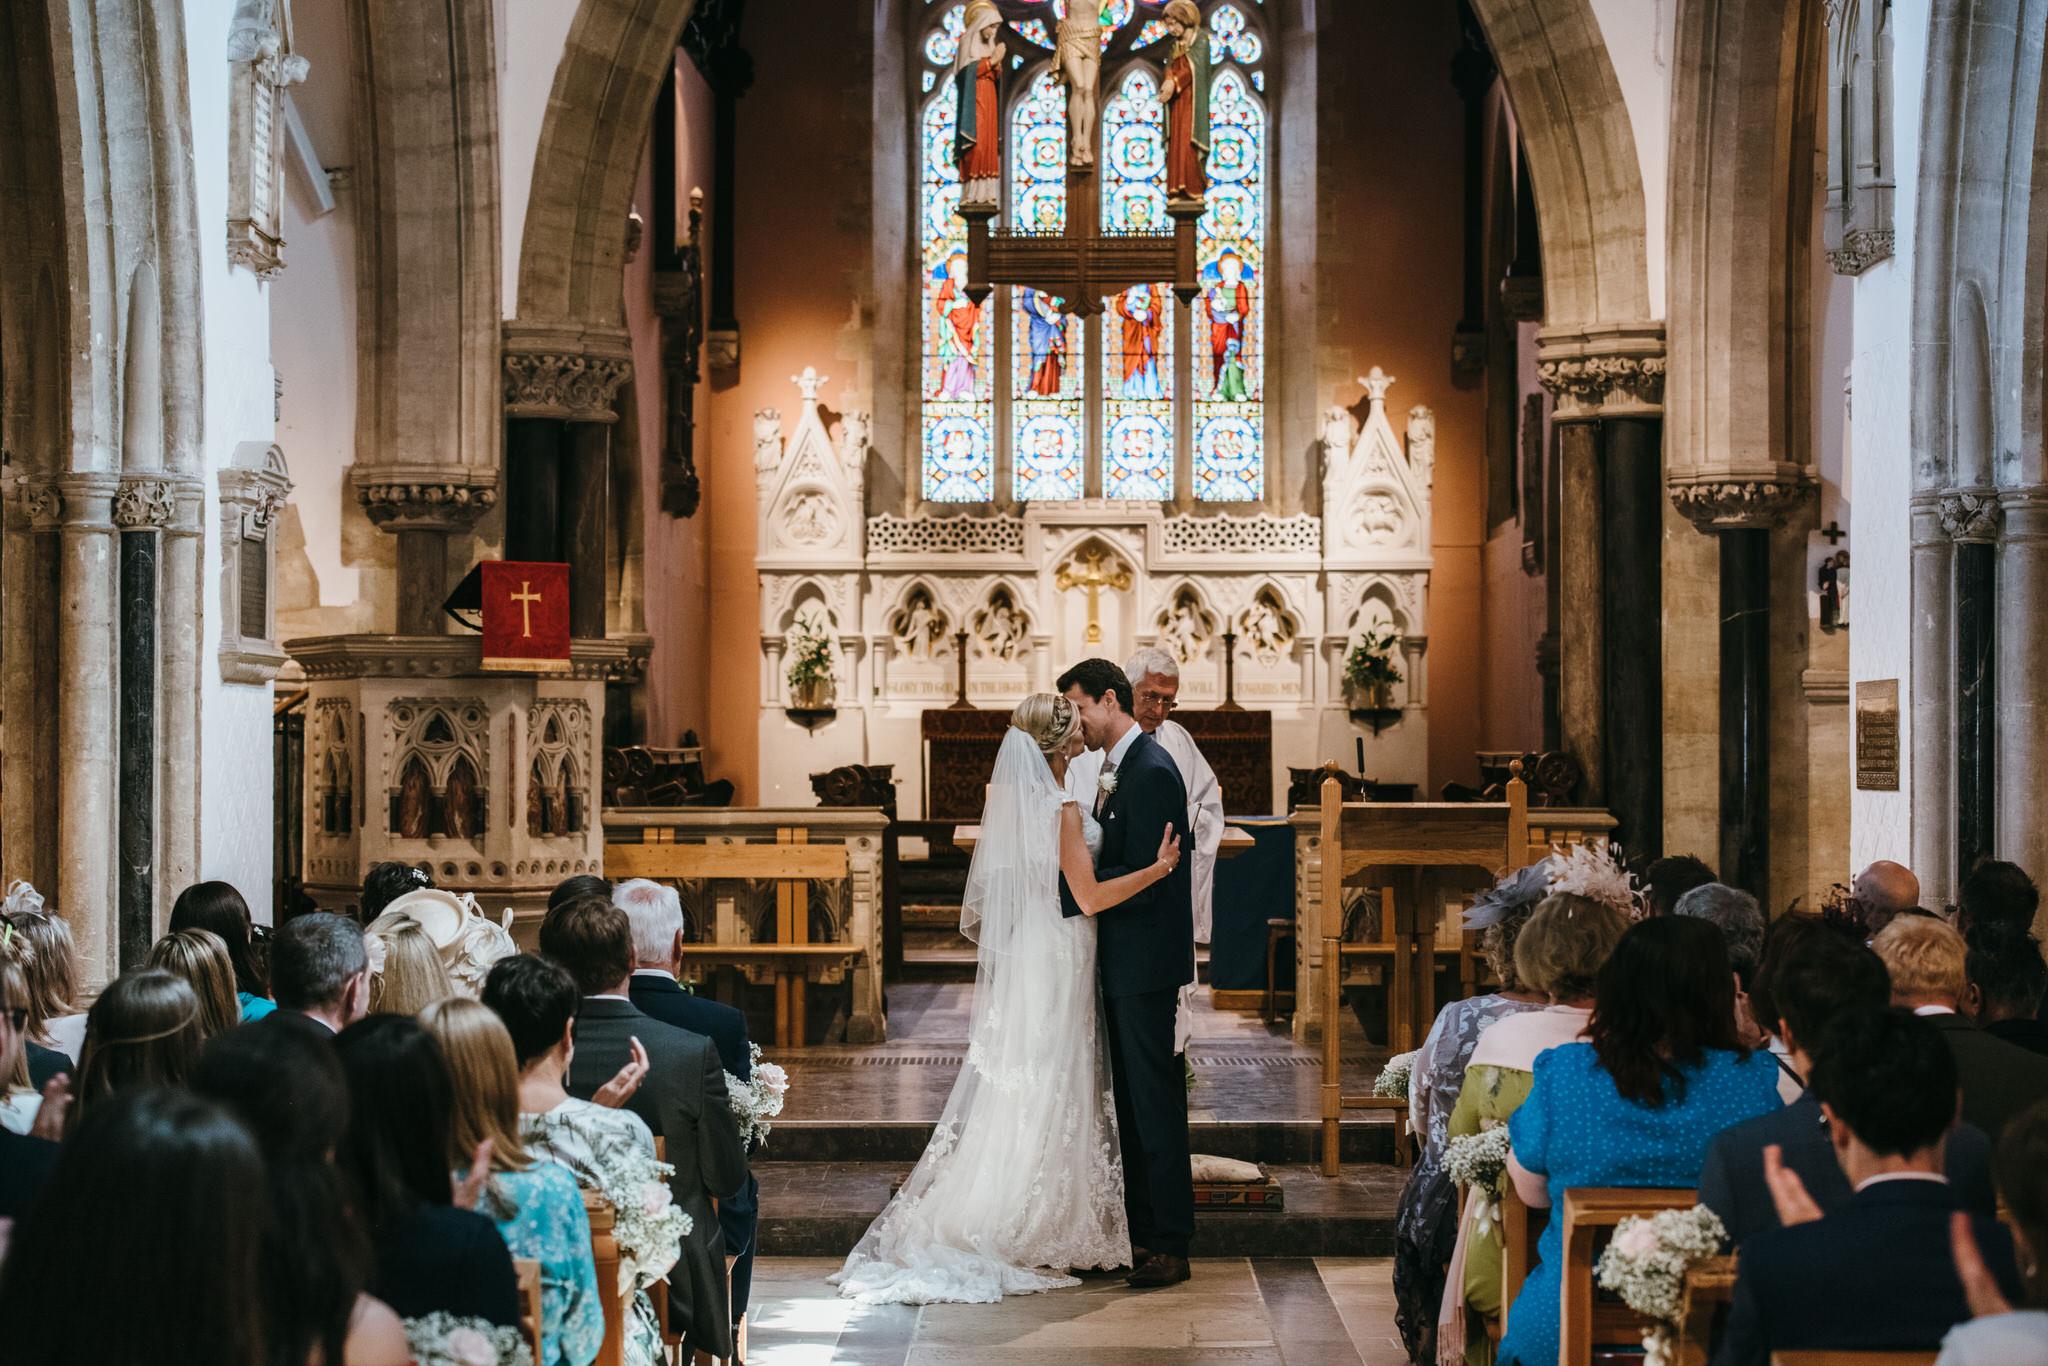 Sidmouth church wedding